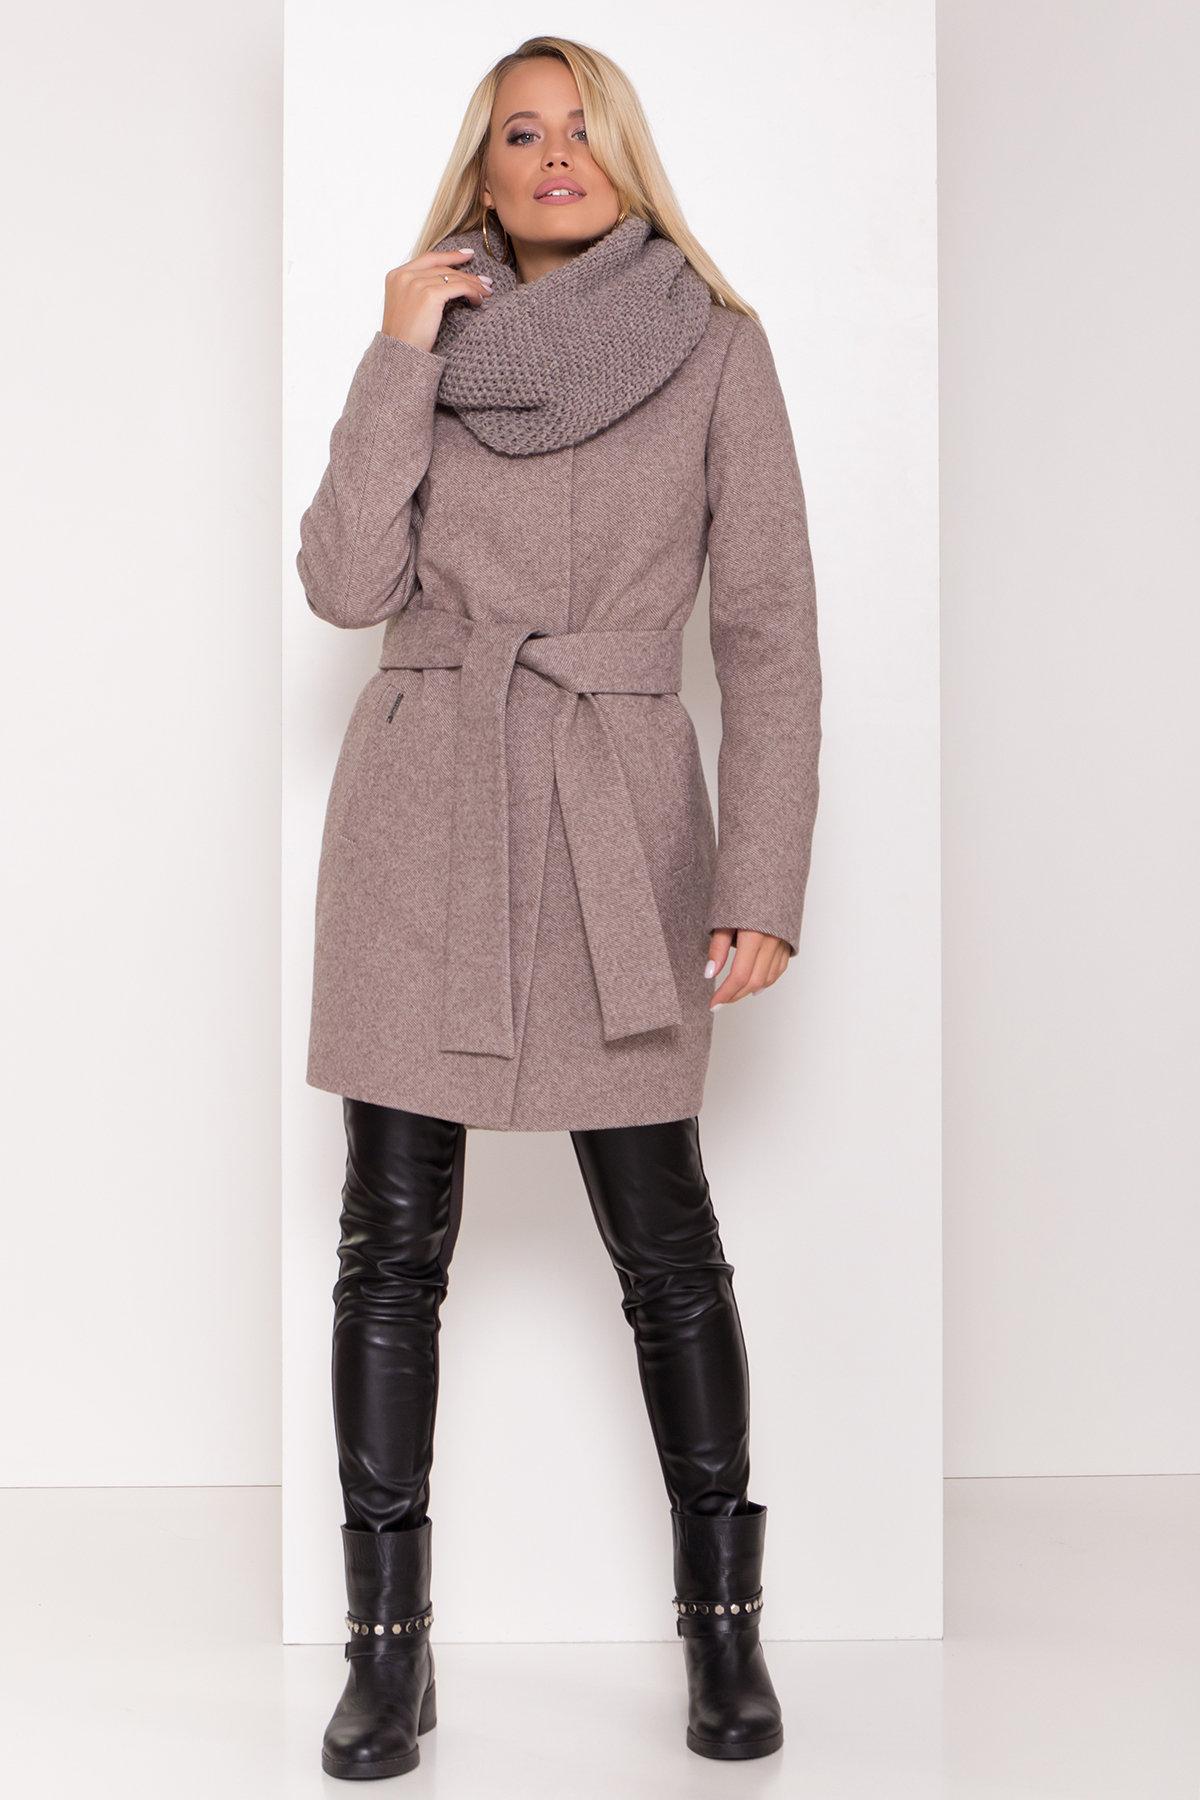 Купить зимнее женское пальто в Украине Modus Зимнее пальто со снудом Габи 8205